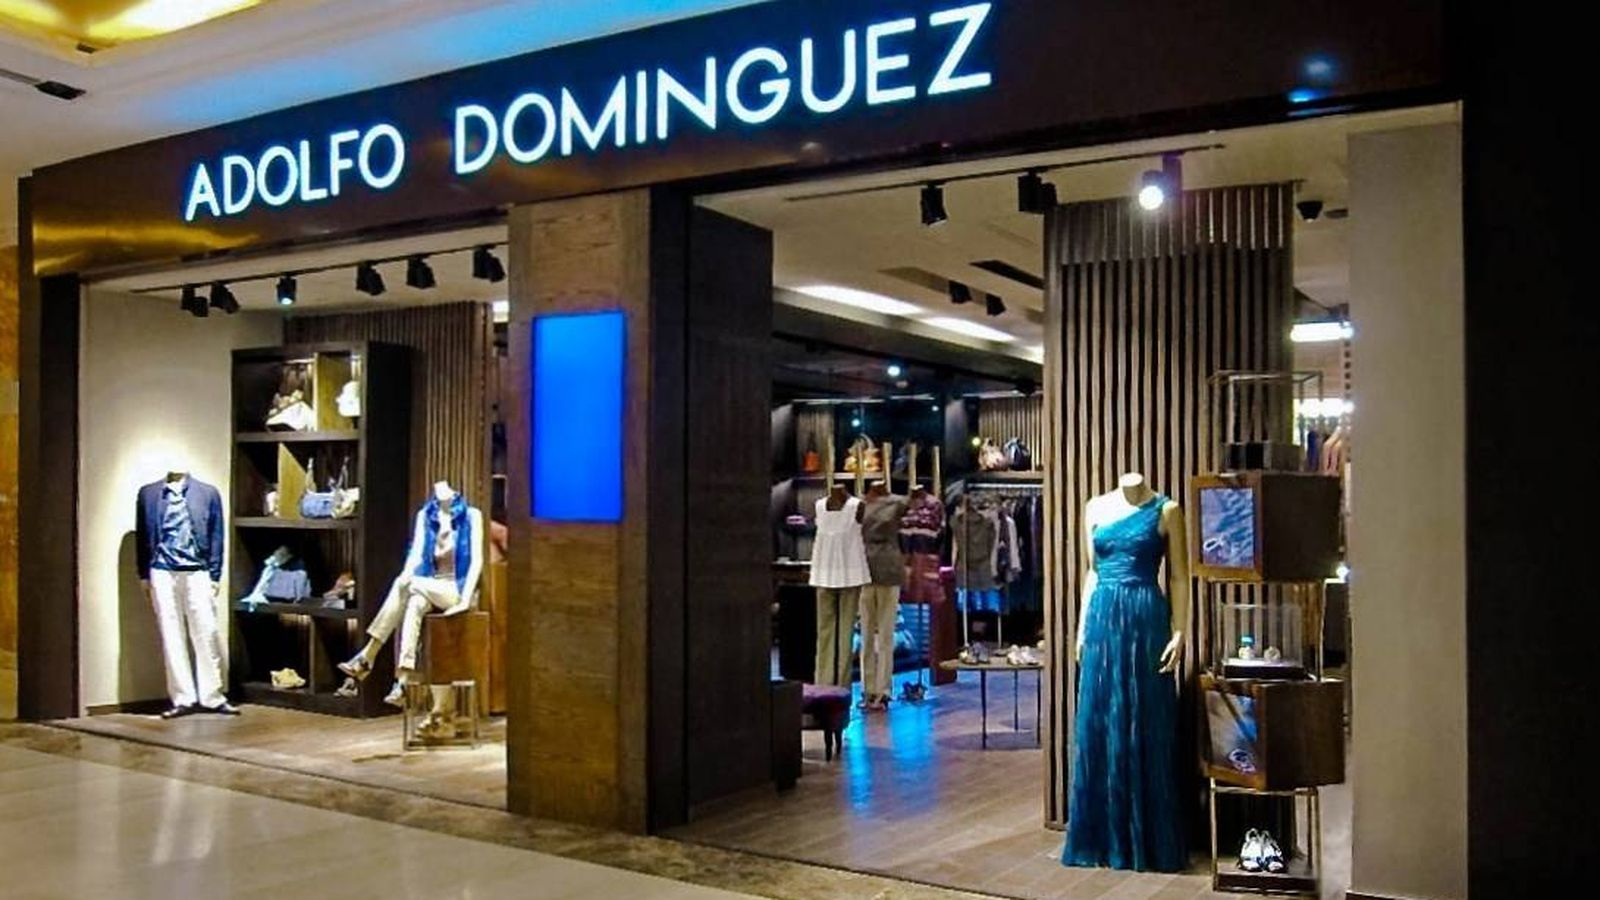 Noticias de inditex adolfo dom nguez y el consejero for Ultimas noticias de adolfo dominguez